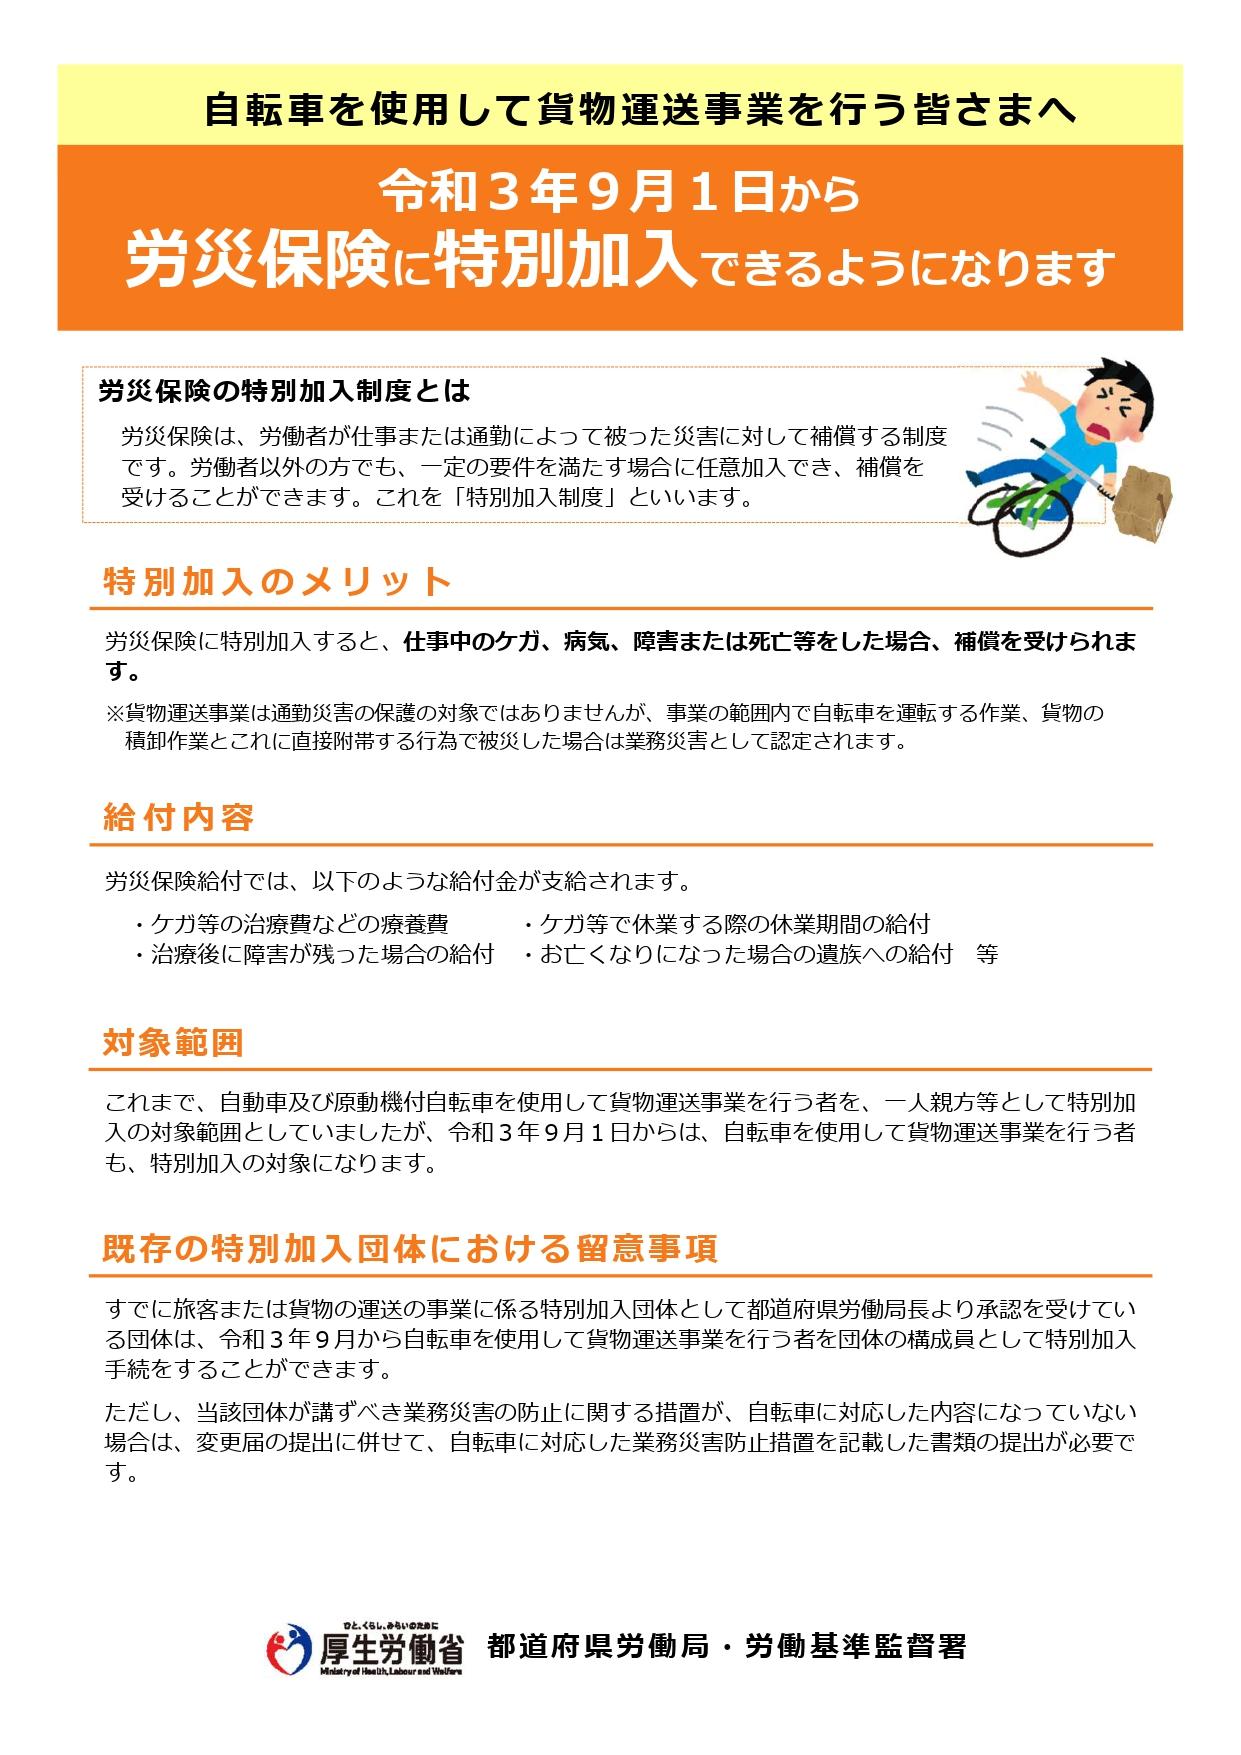 自転車を利用して貨物運送事業を行う_page-0001